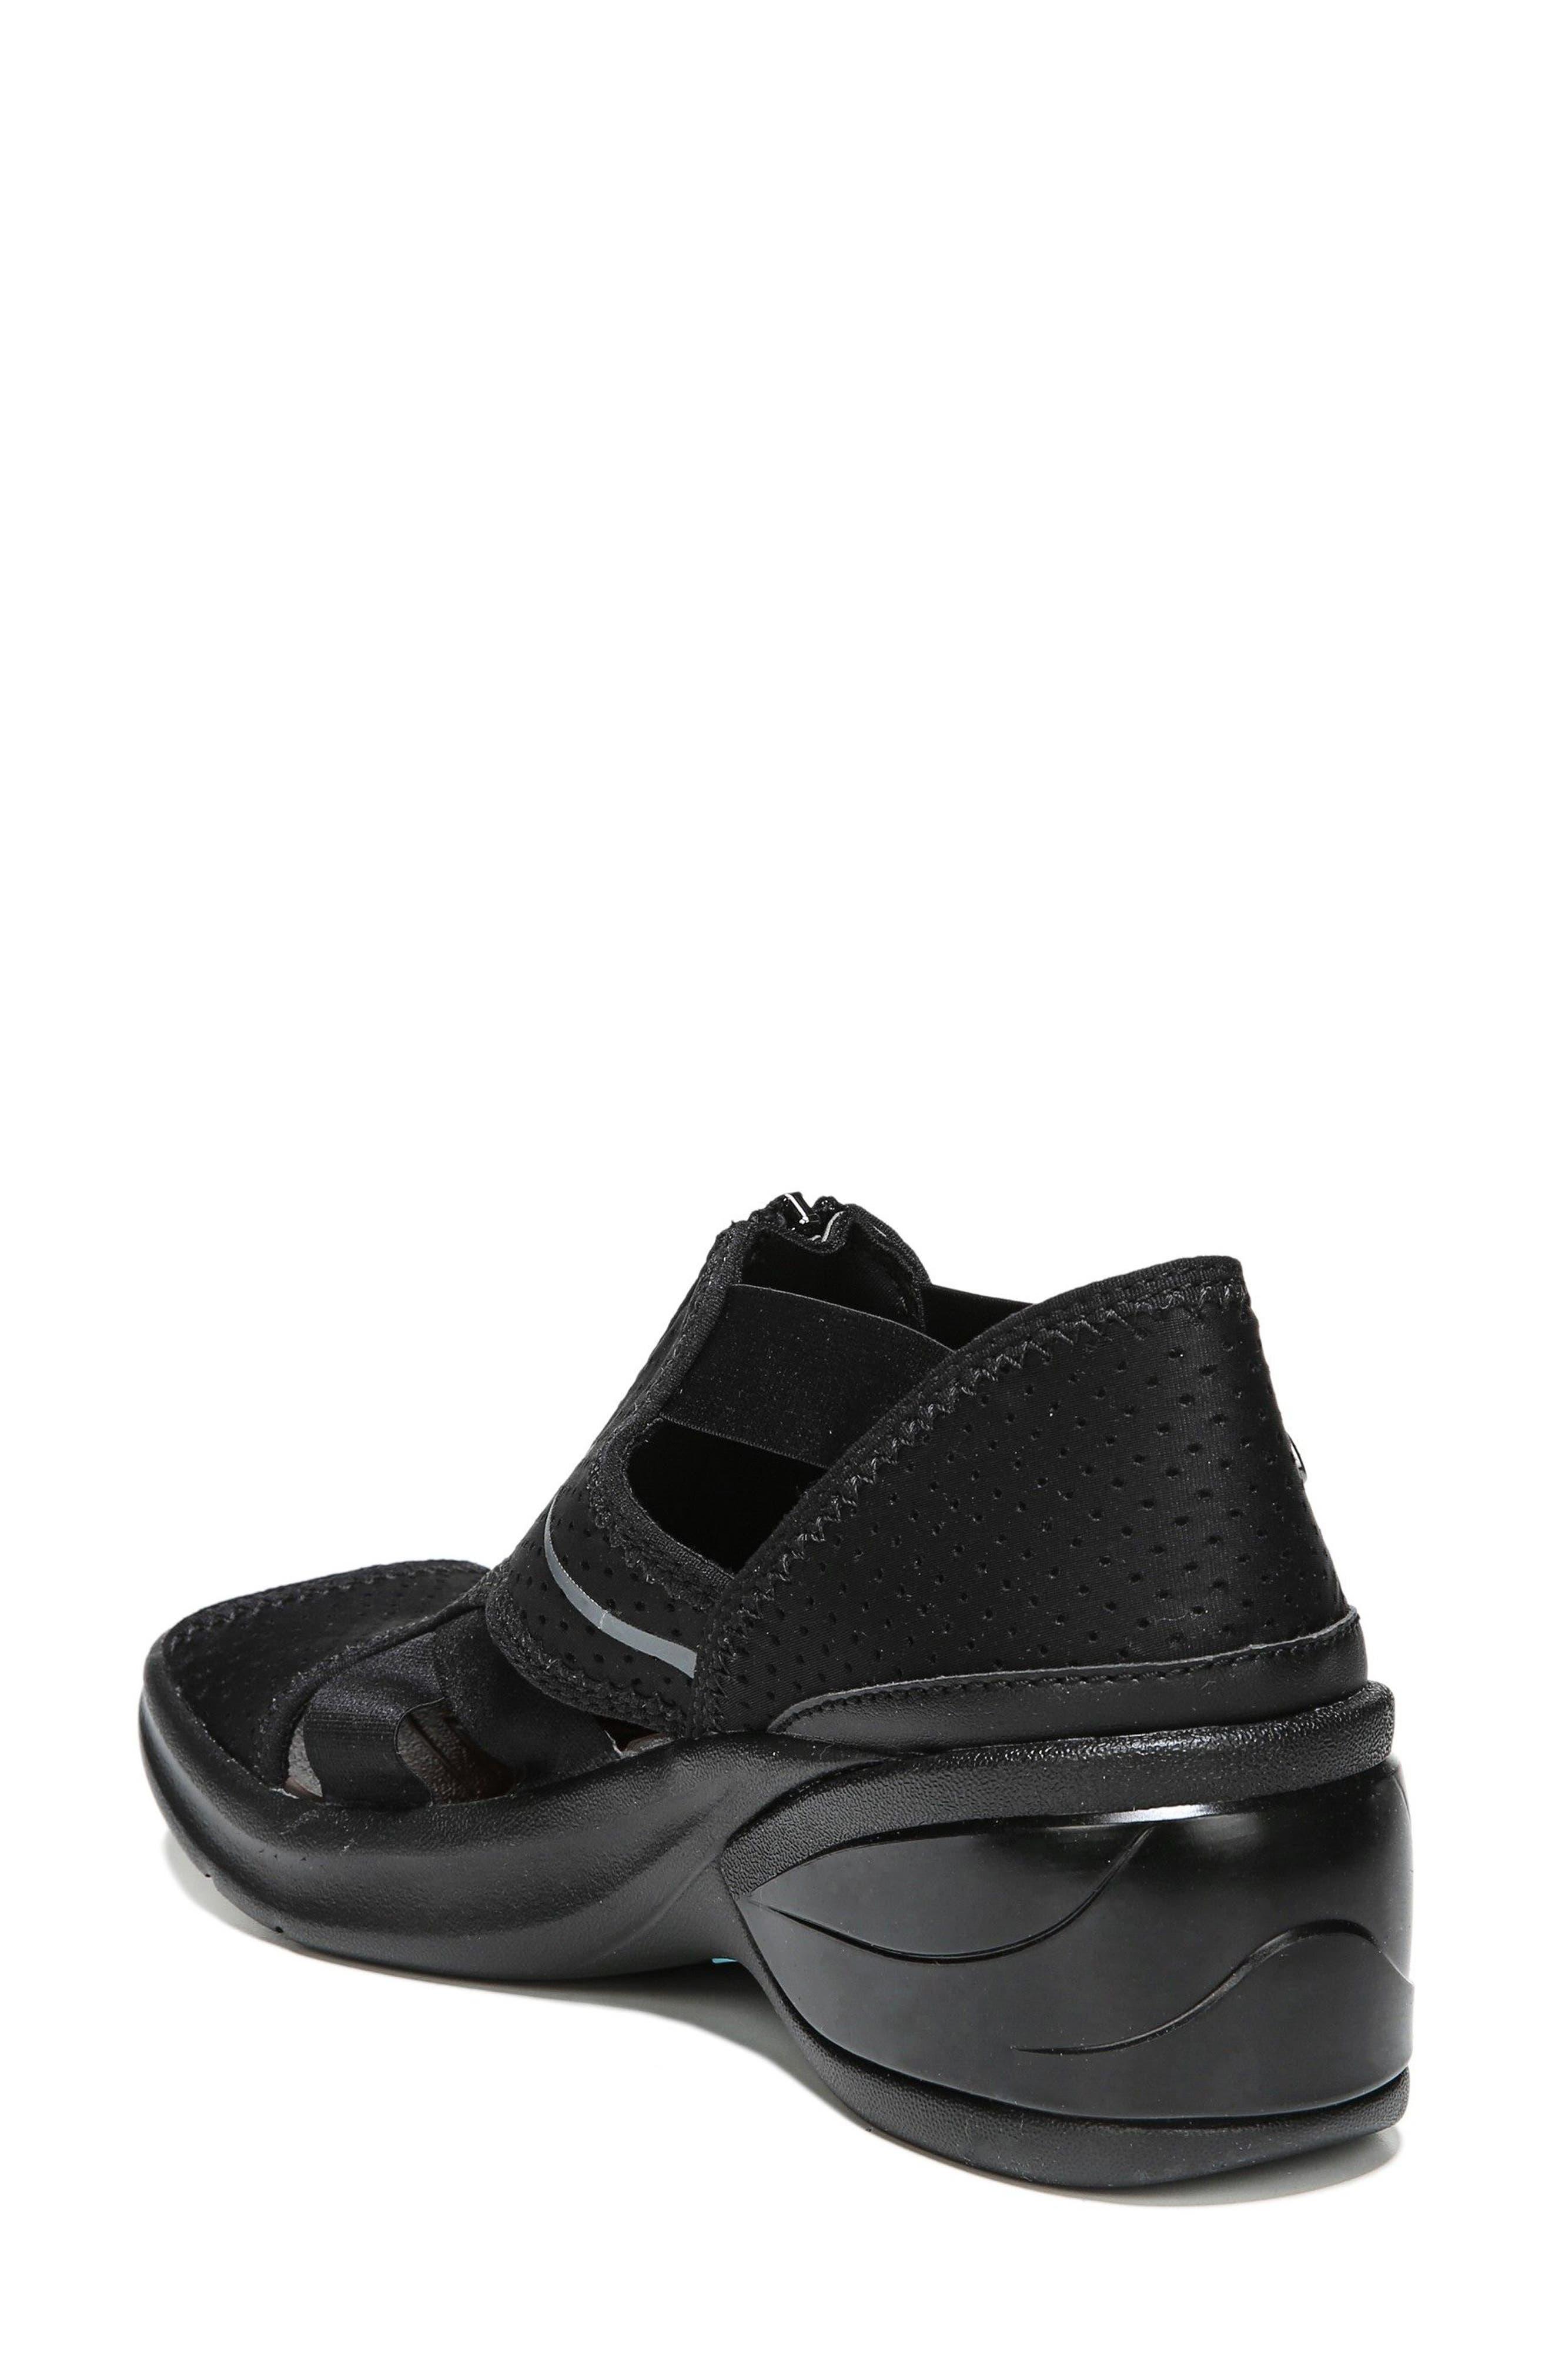 Krave Sandal,                             Alternate thumbnail 2, color,                             BLACK FABRIC